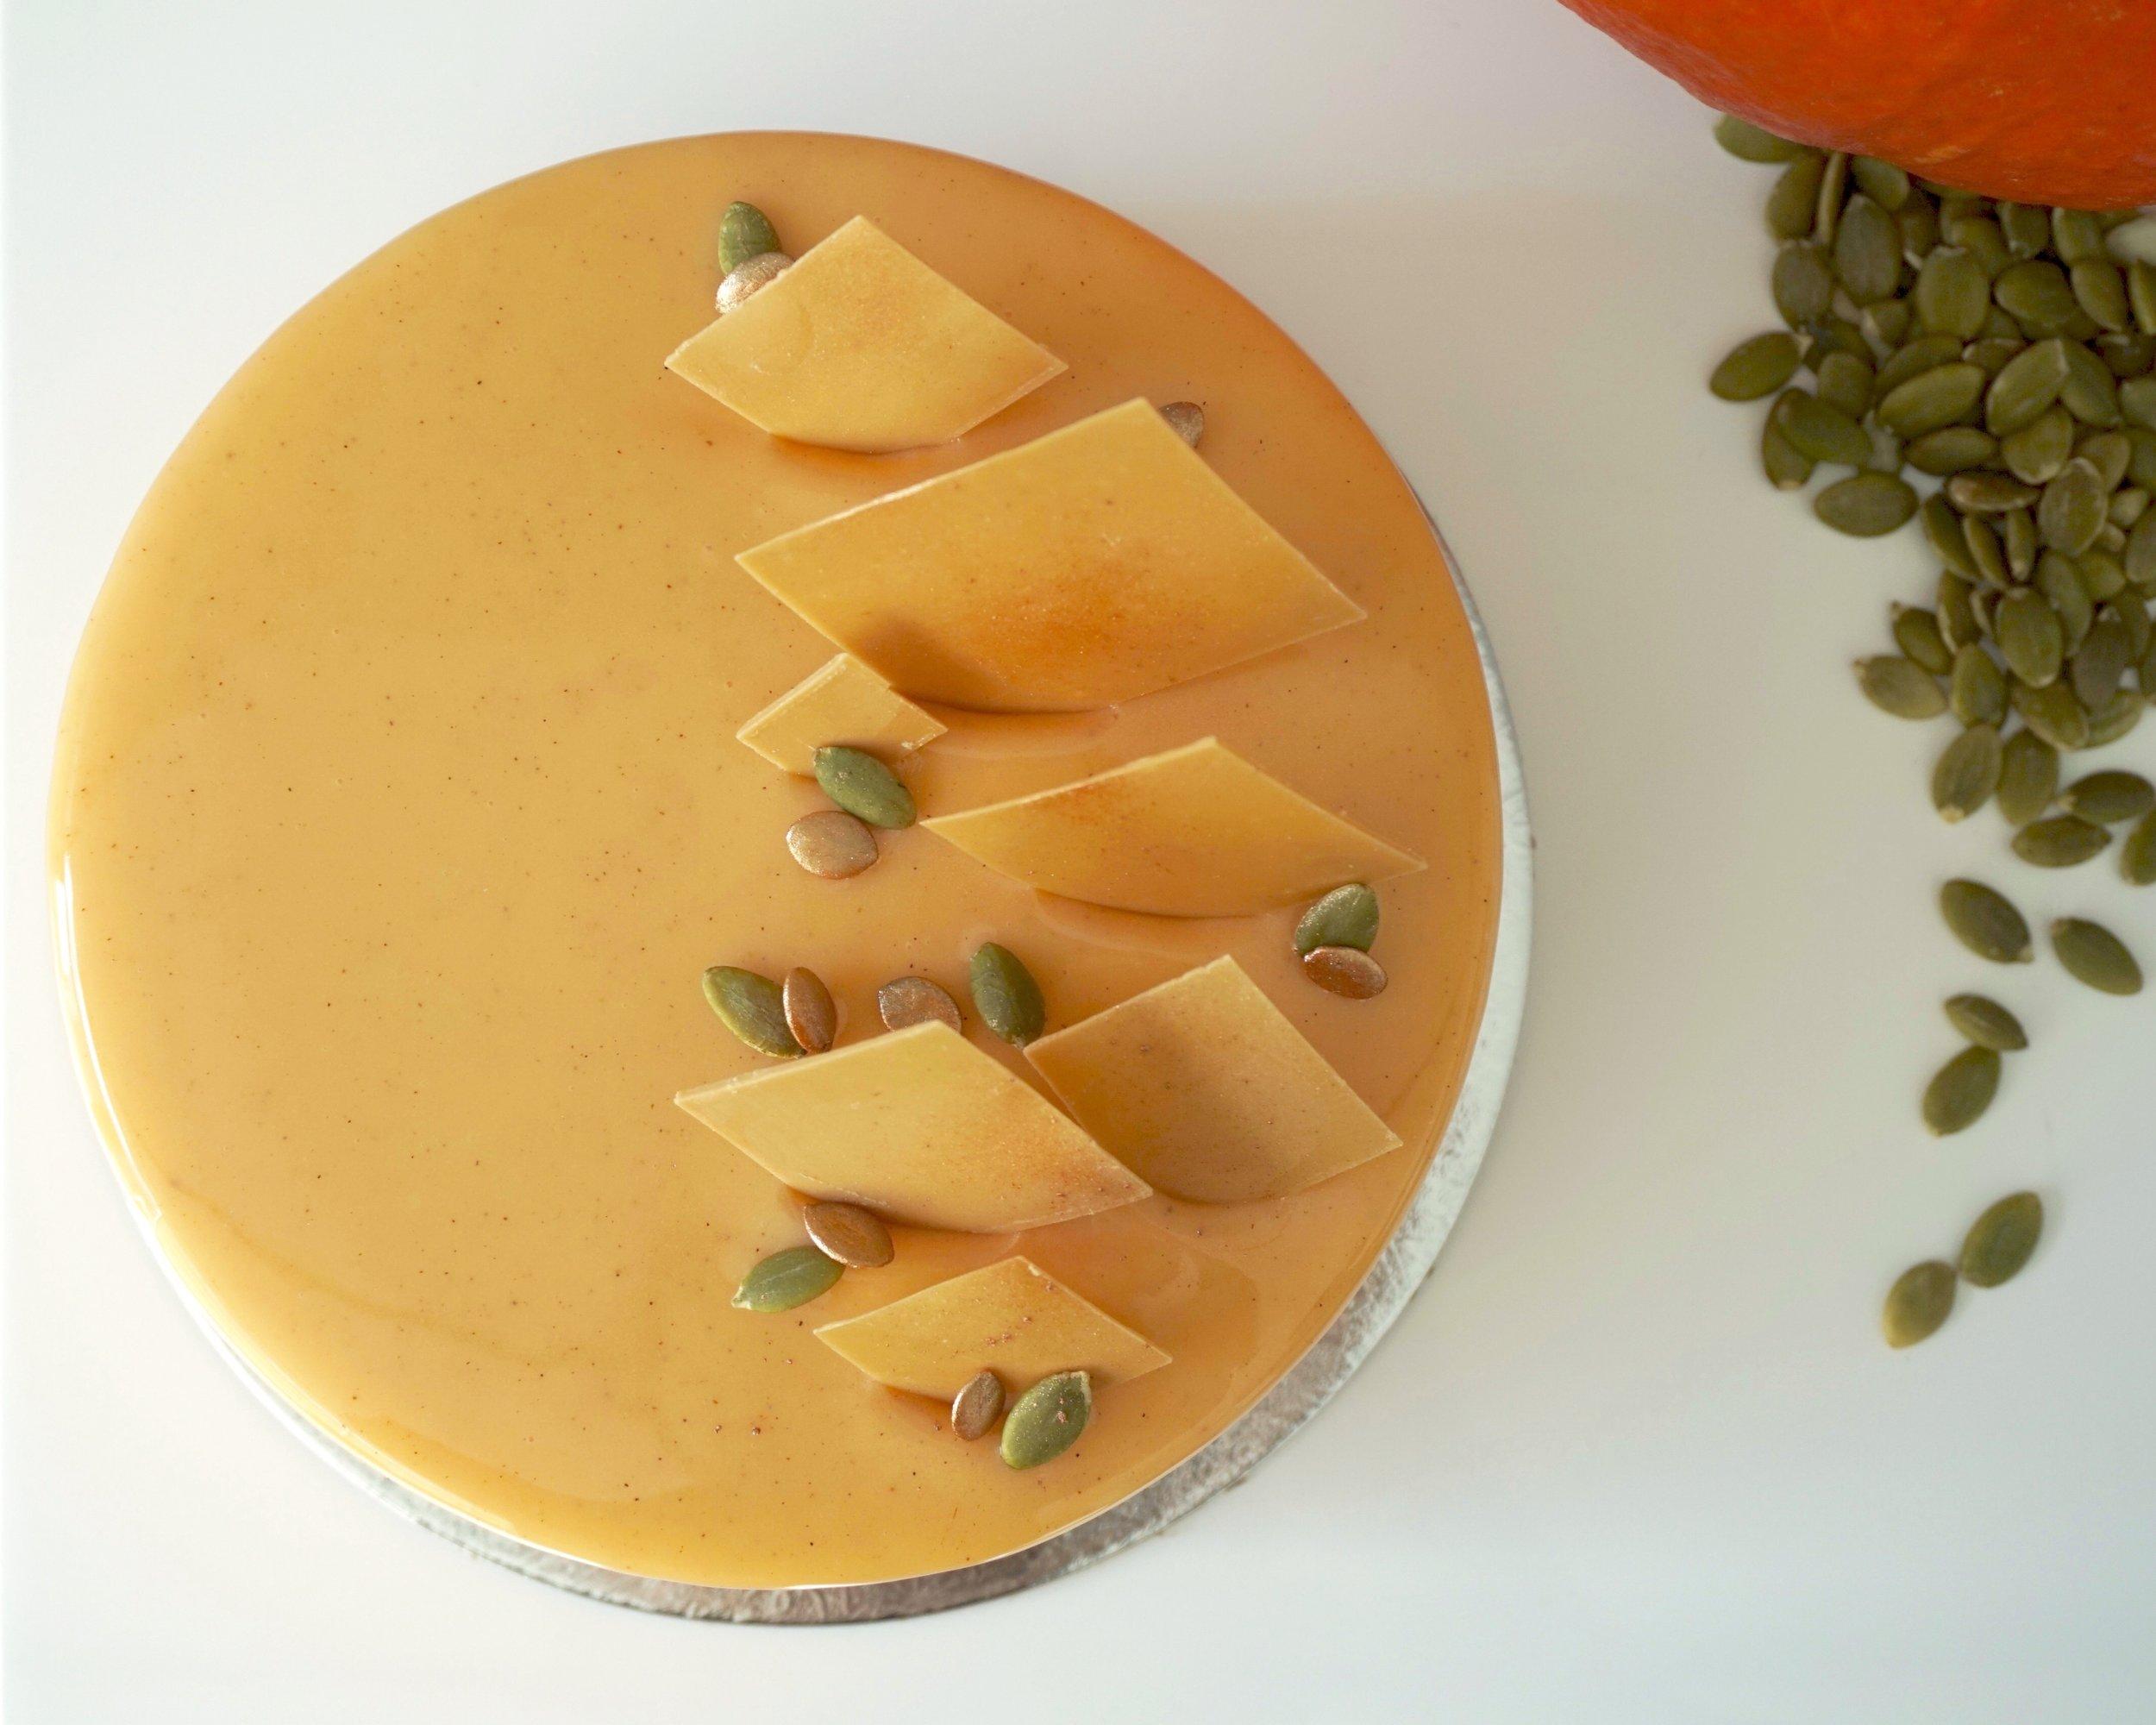 Designer cake made by Gusta Cooking Studio